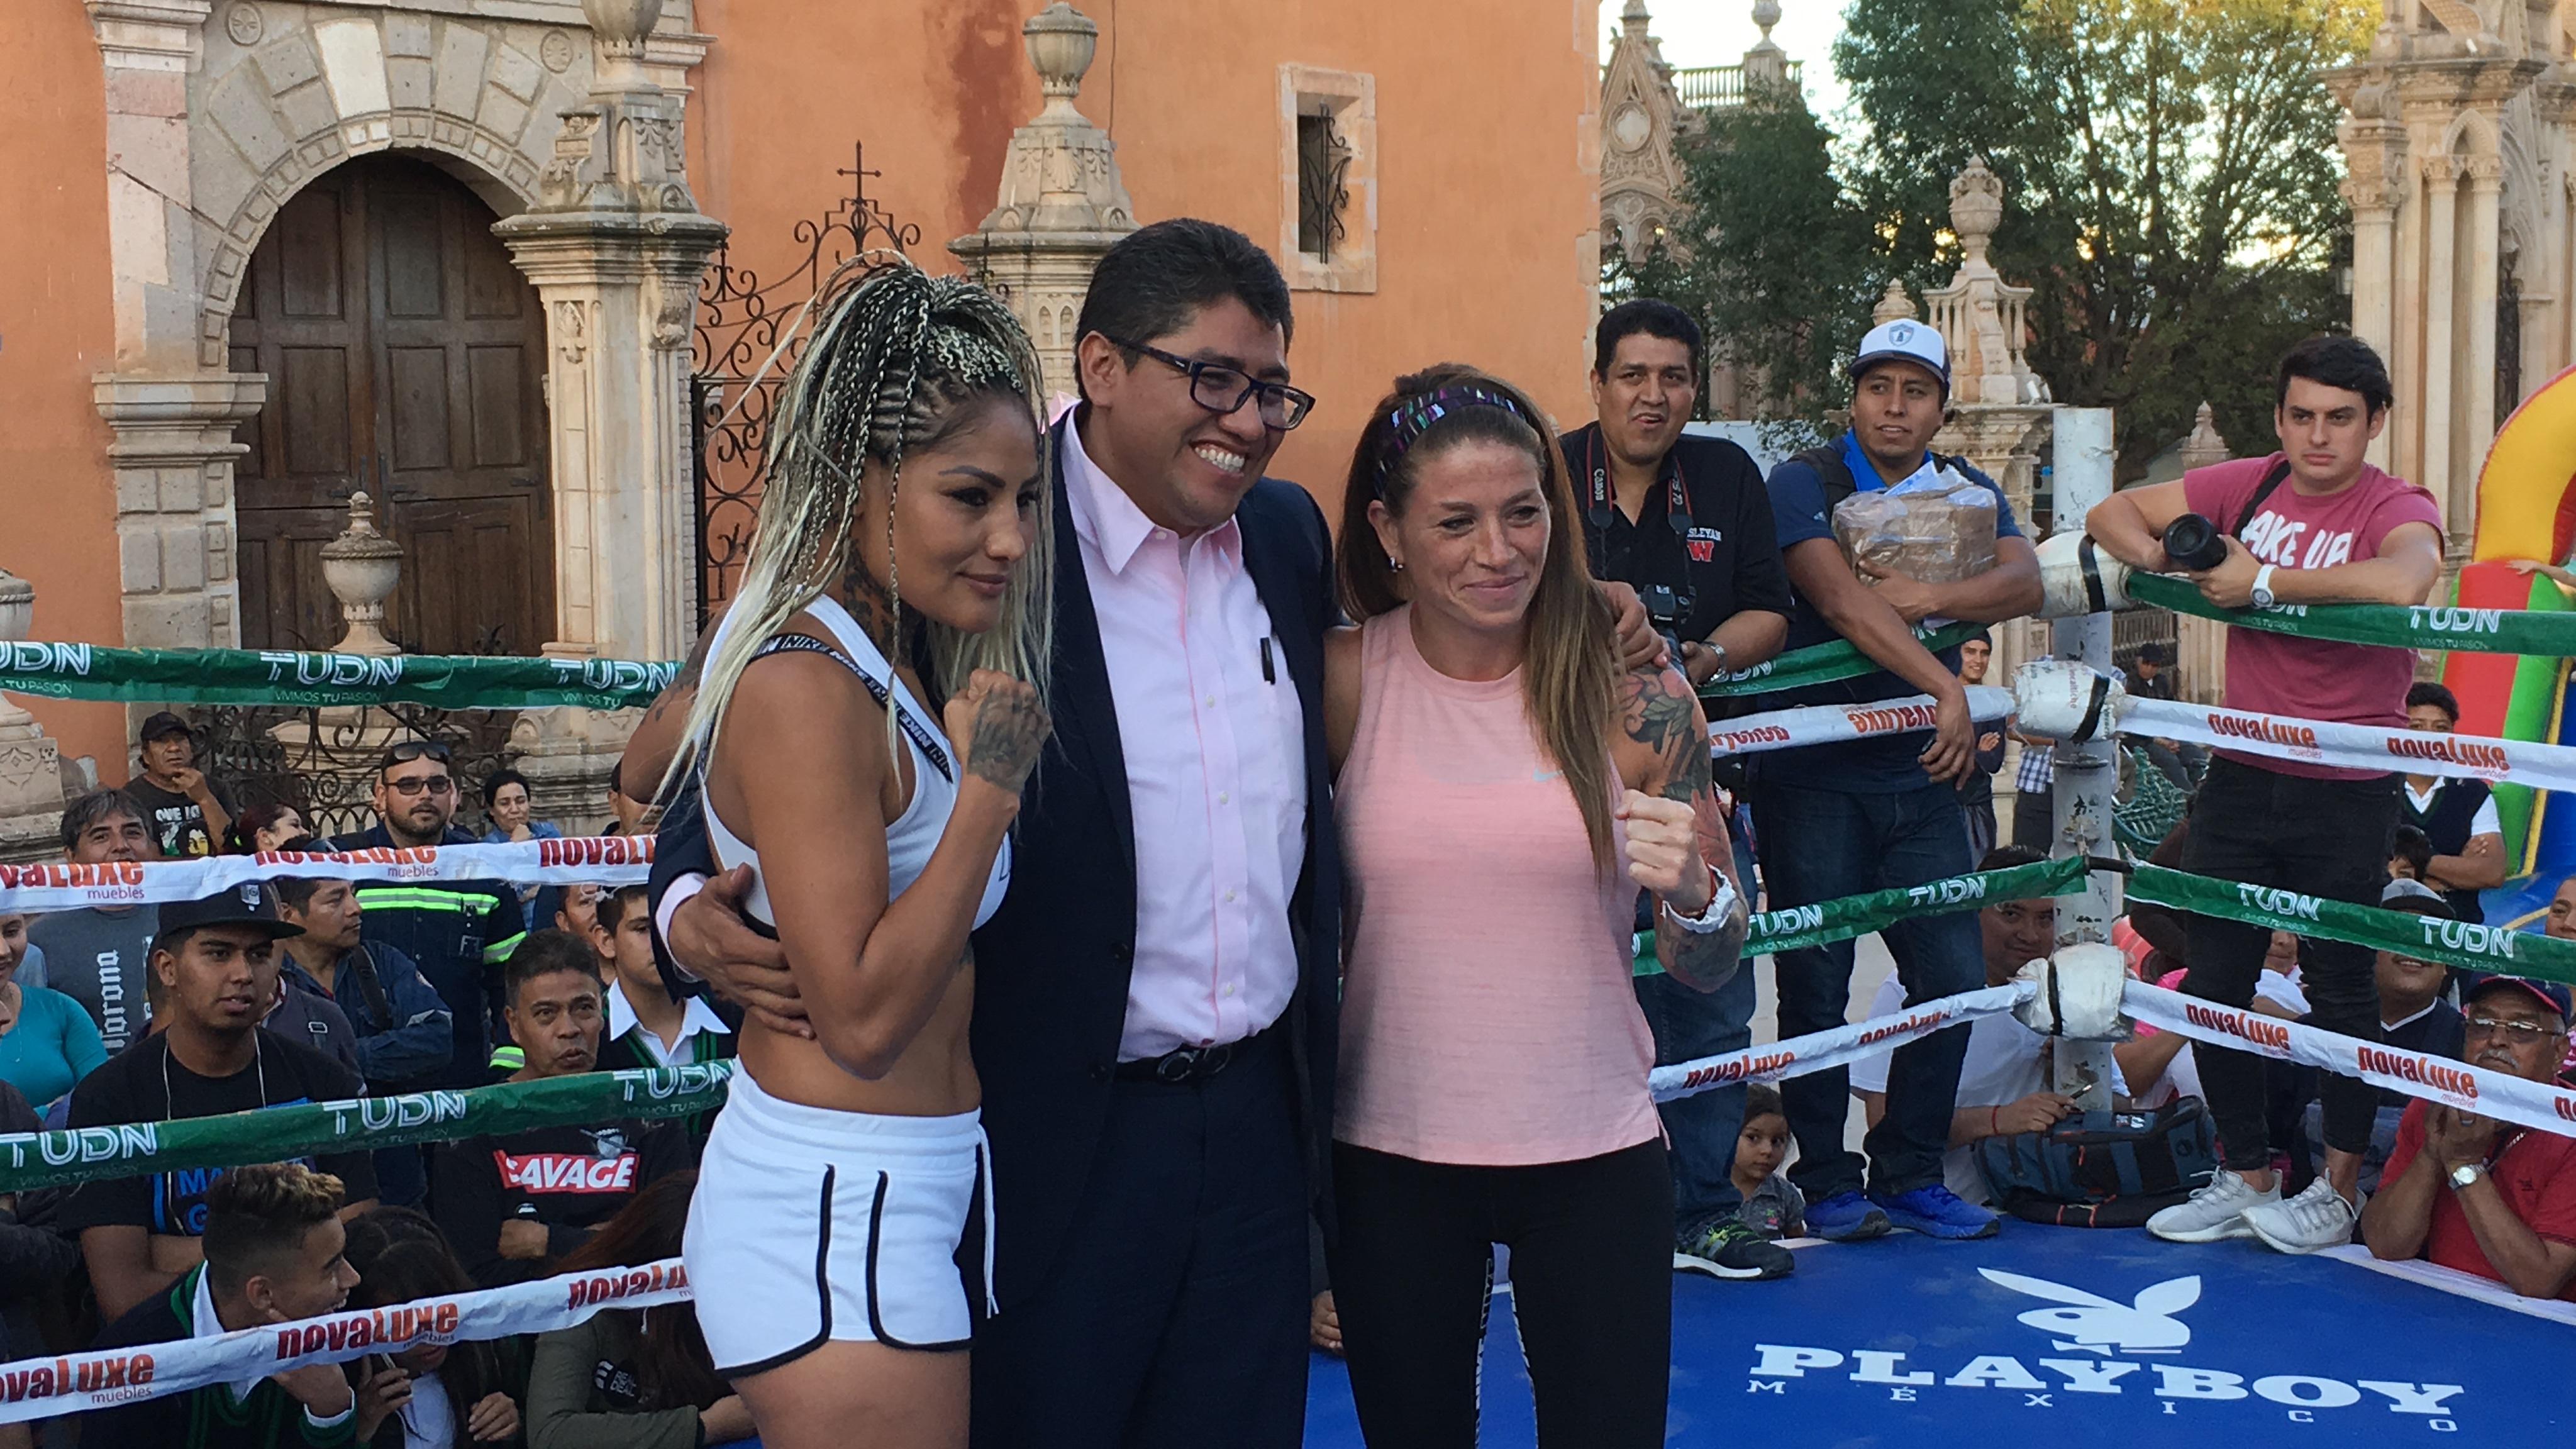 Juárez y Duer en entrenamiento público